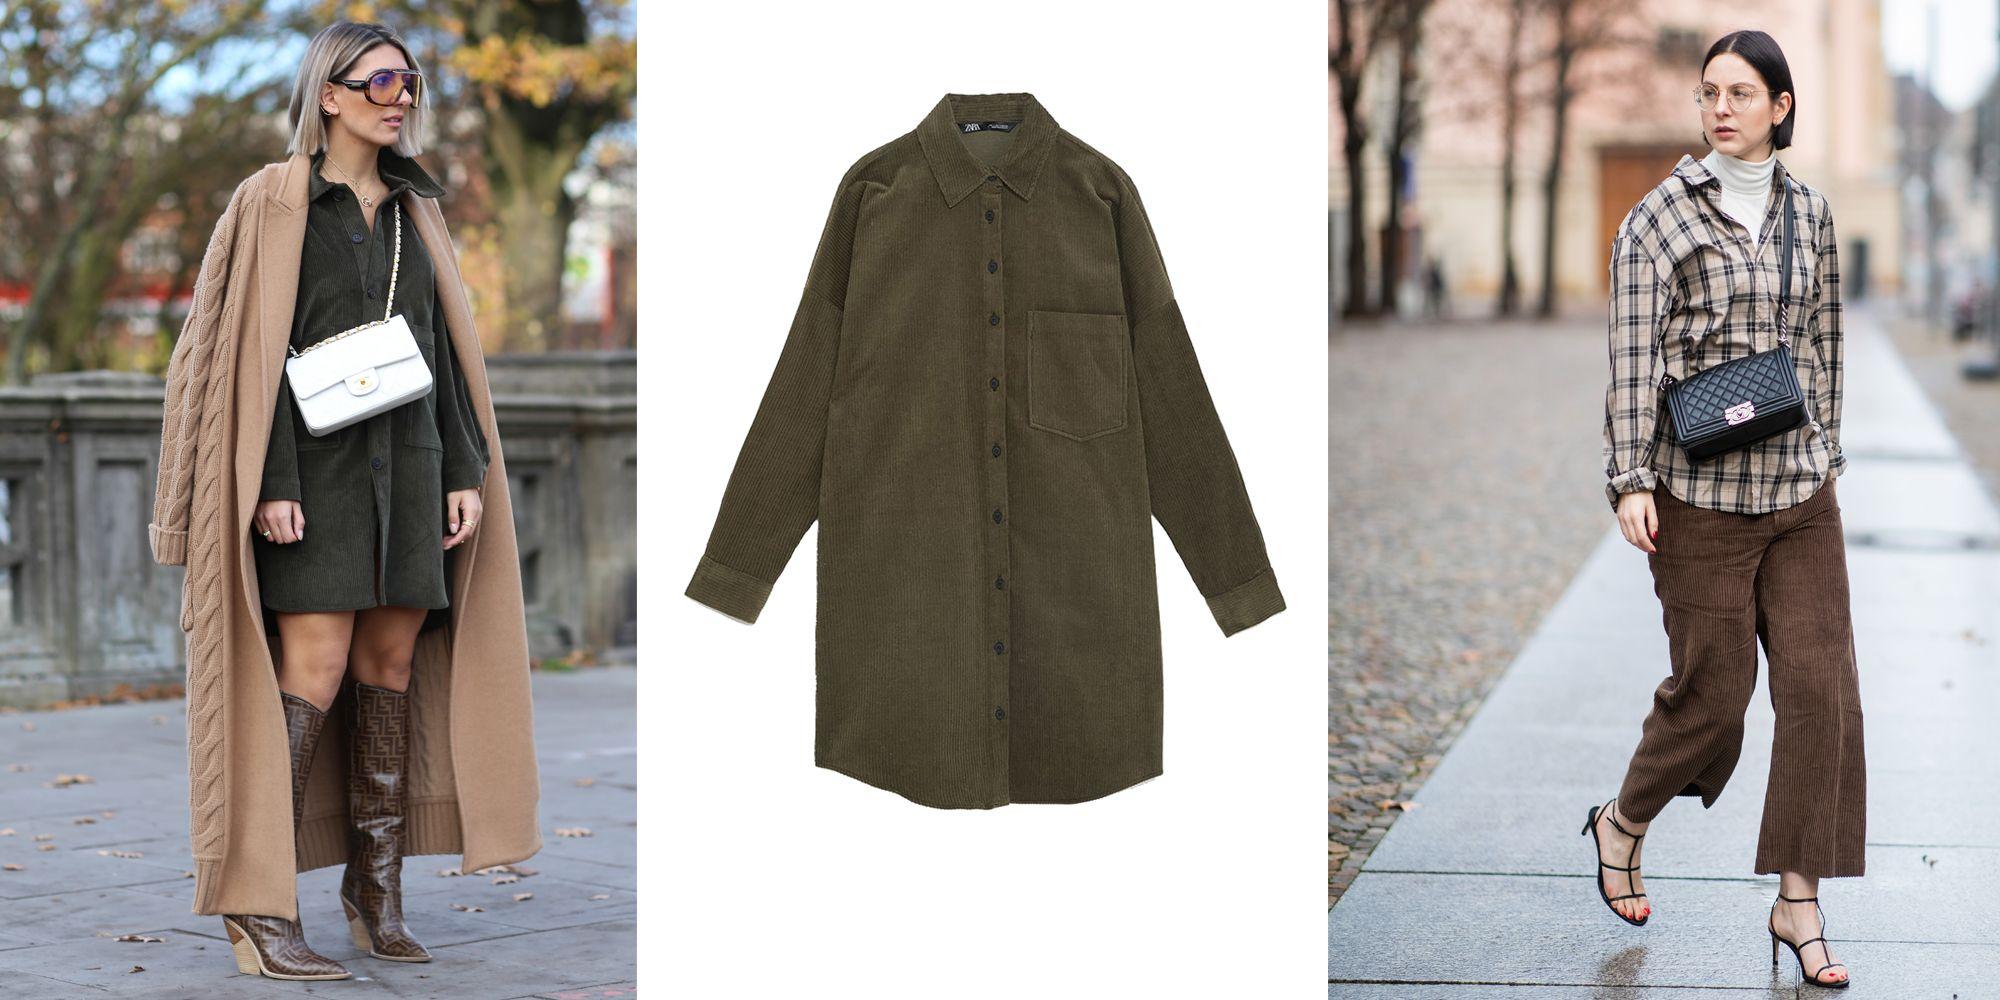 785c6286c Zara viste a las que más saben de frío en el street style de Berlín - Zara  domina los looks para abrigarse en la calle